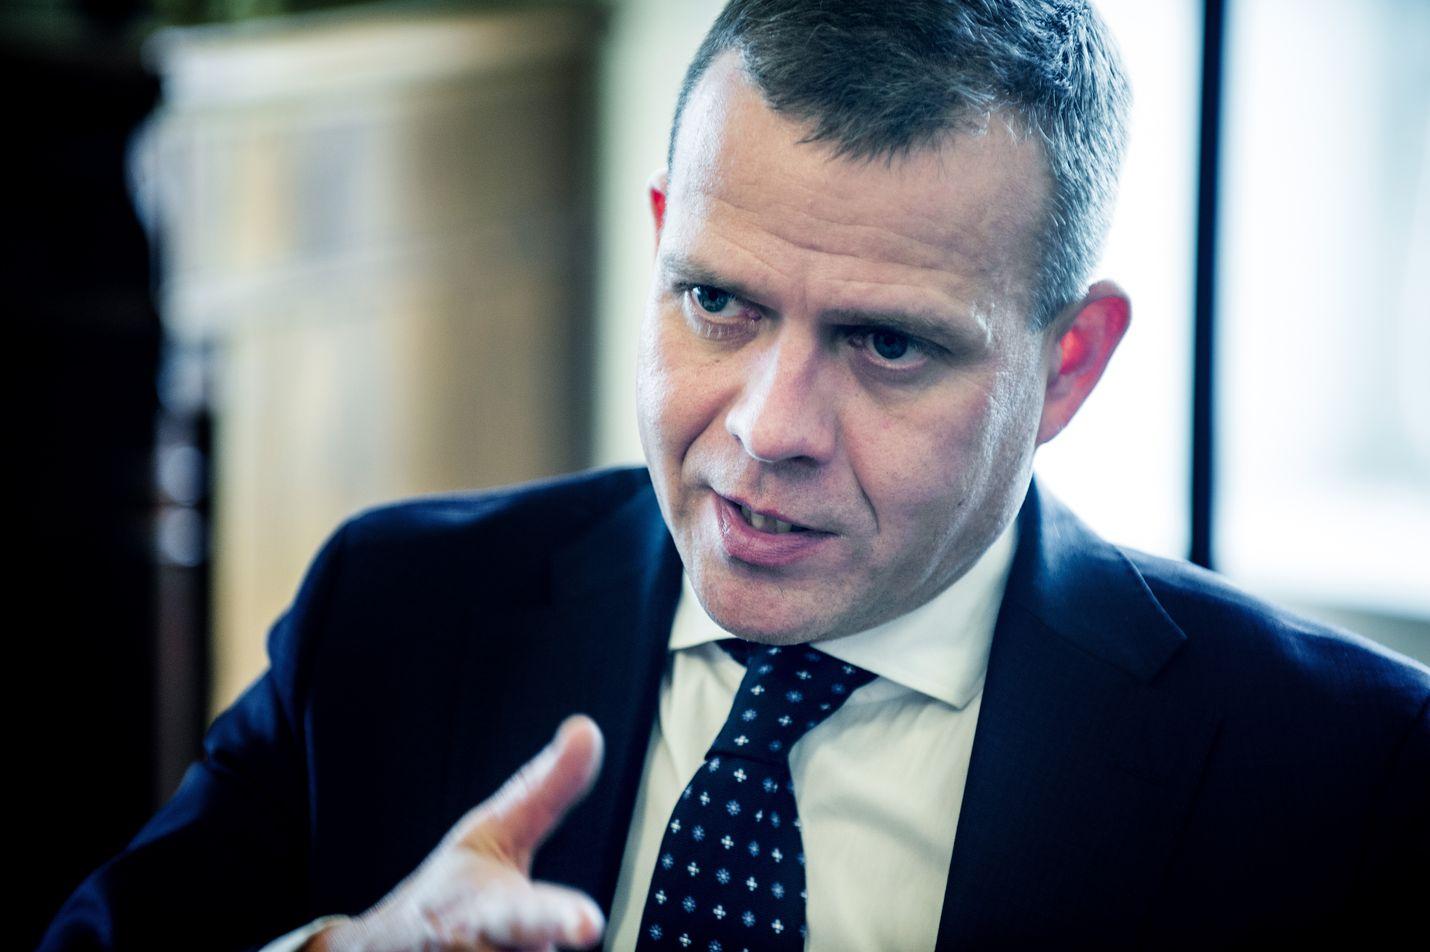 Kokoomuksen puheenjohtaja Petter Orpo muistuttaa, että koronatestien ruuhkautuminen on myös taloudellinen ongelma. Se vaikuttaa haitallisesti muun muassa työpaikkoihin ja työntekijöihin.